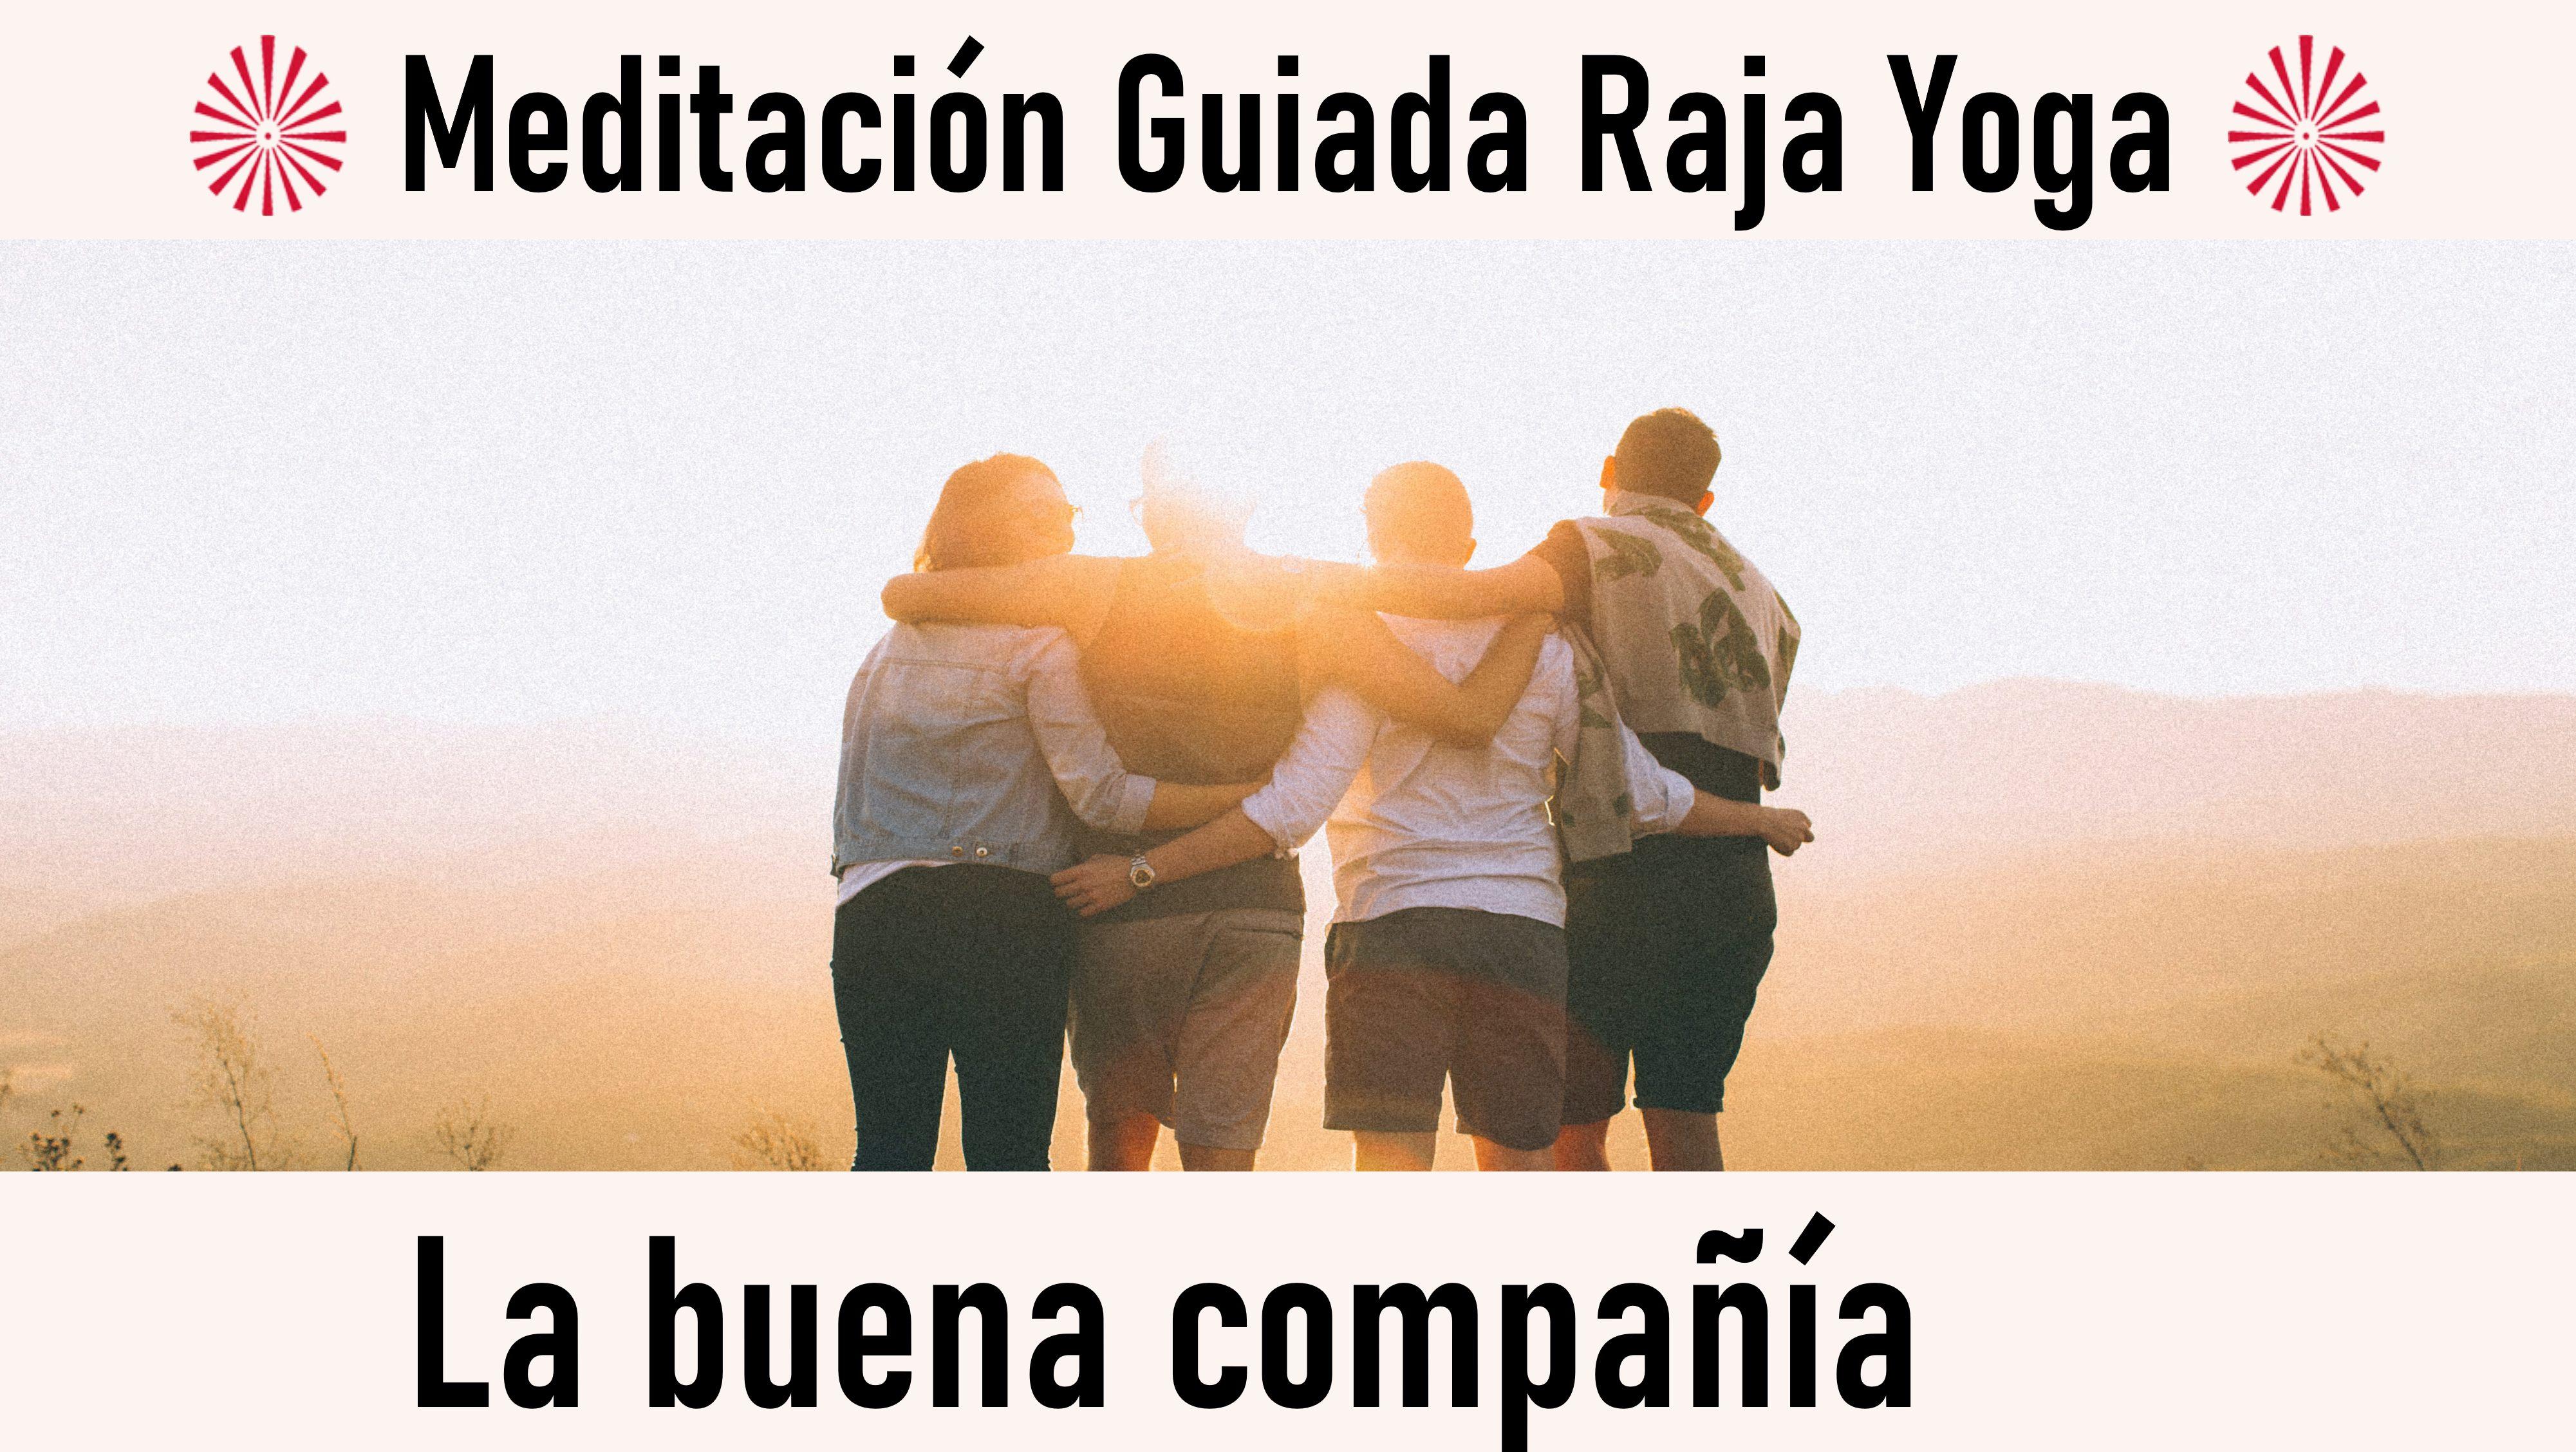 20 Octubre 2020  Meditación guiada:  La buena compañia